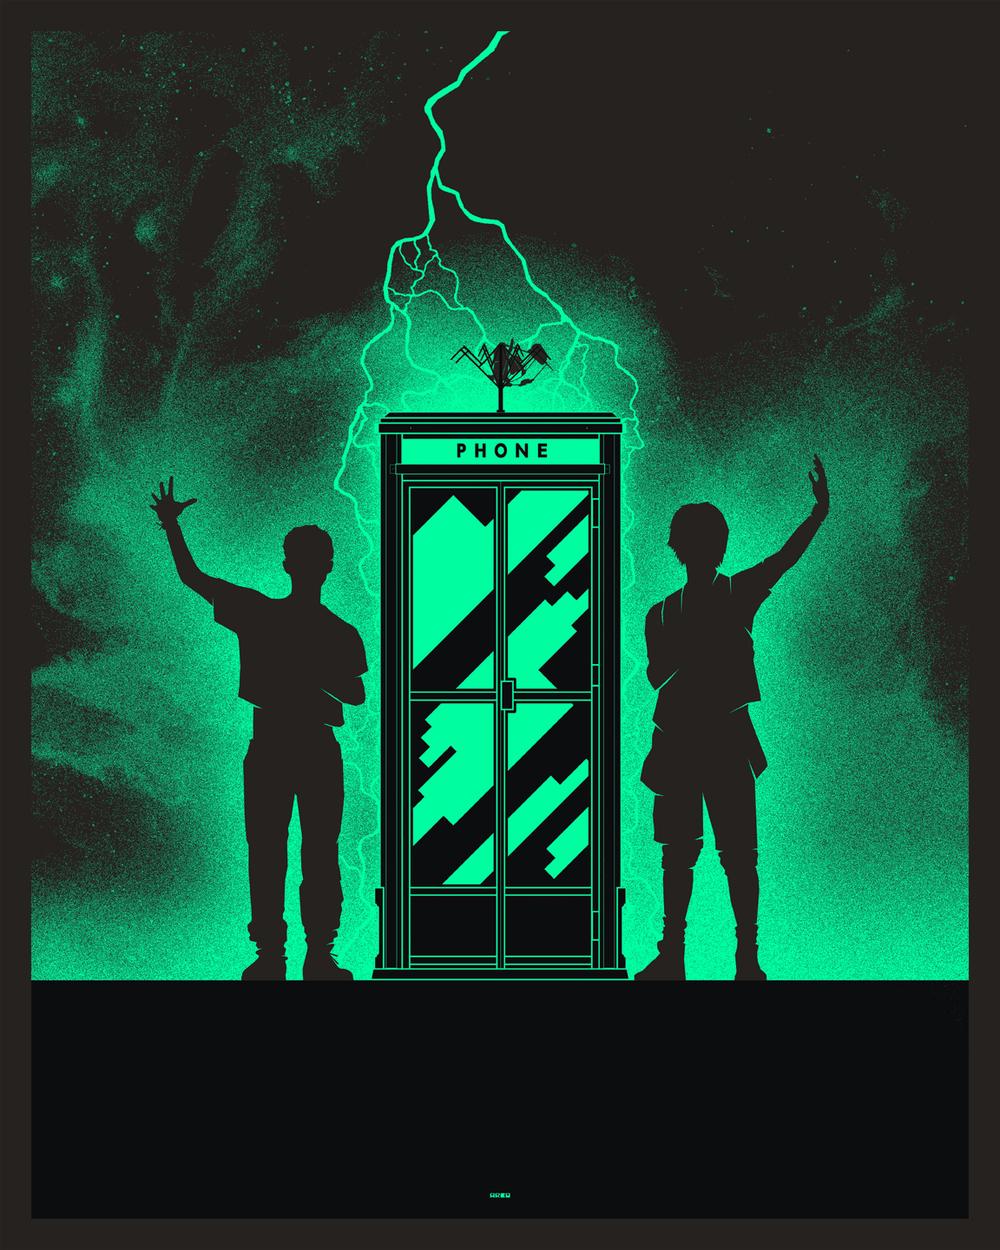 doctor-who-glow-in-the-dark-art-by-matt-ferguson4